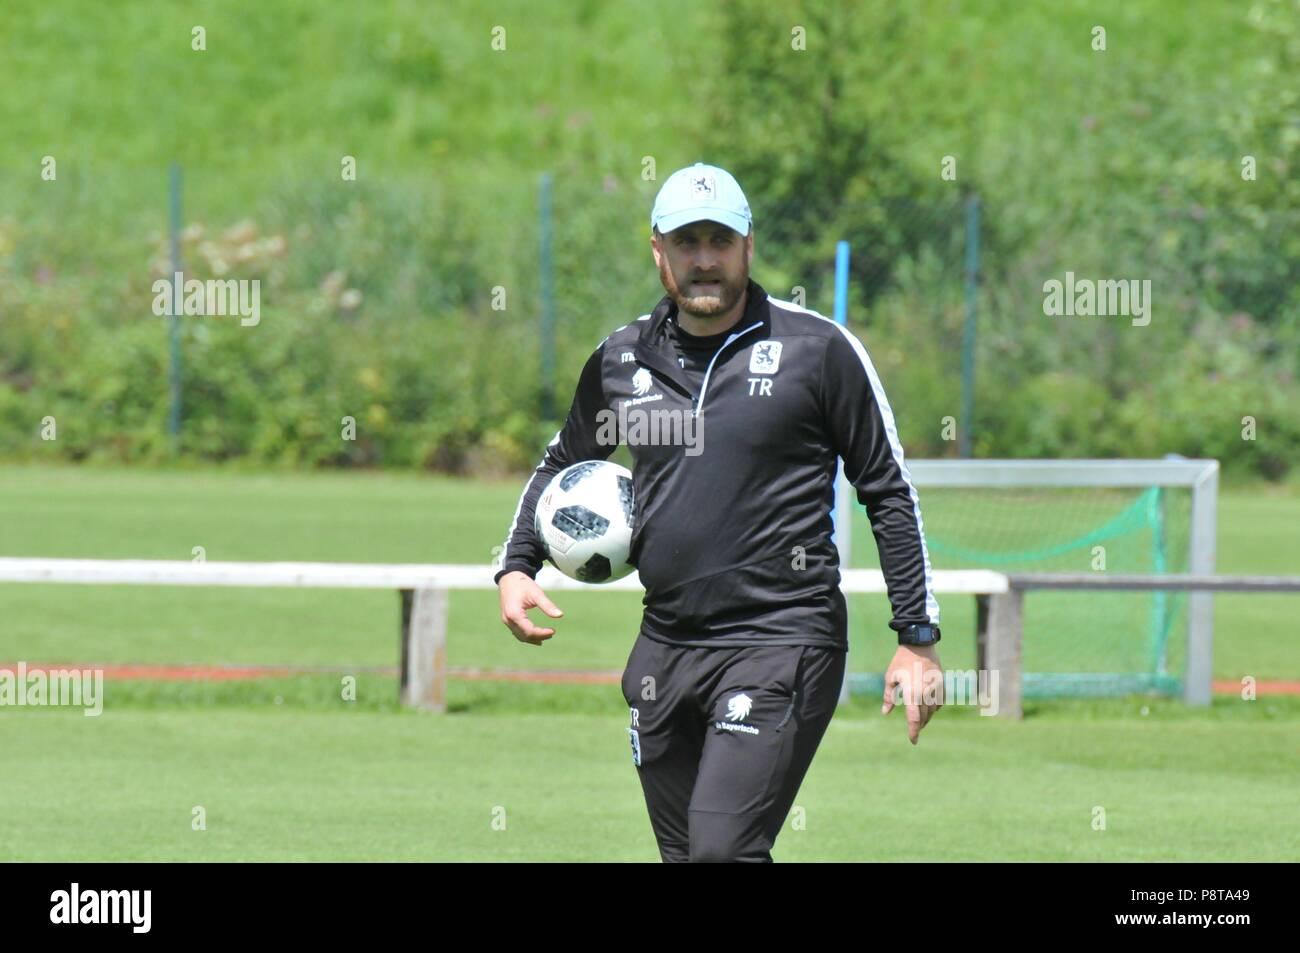 1860 München in Drittliga-Vorbereitung in Kössen in Österreich. 1860-Coach Daniel Bierofka trainiert sein team für die anstehende Fußball-Drittligasai - Stock Image